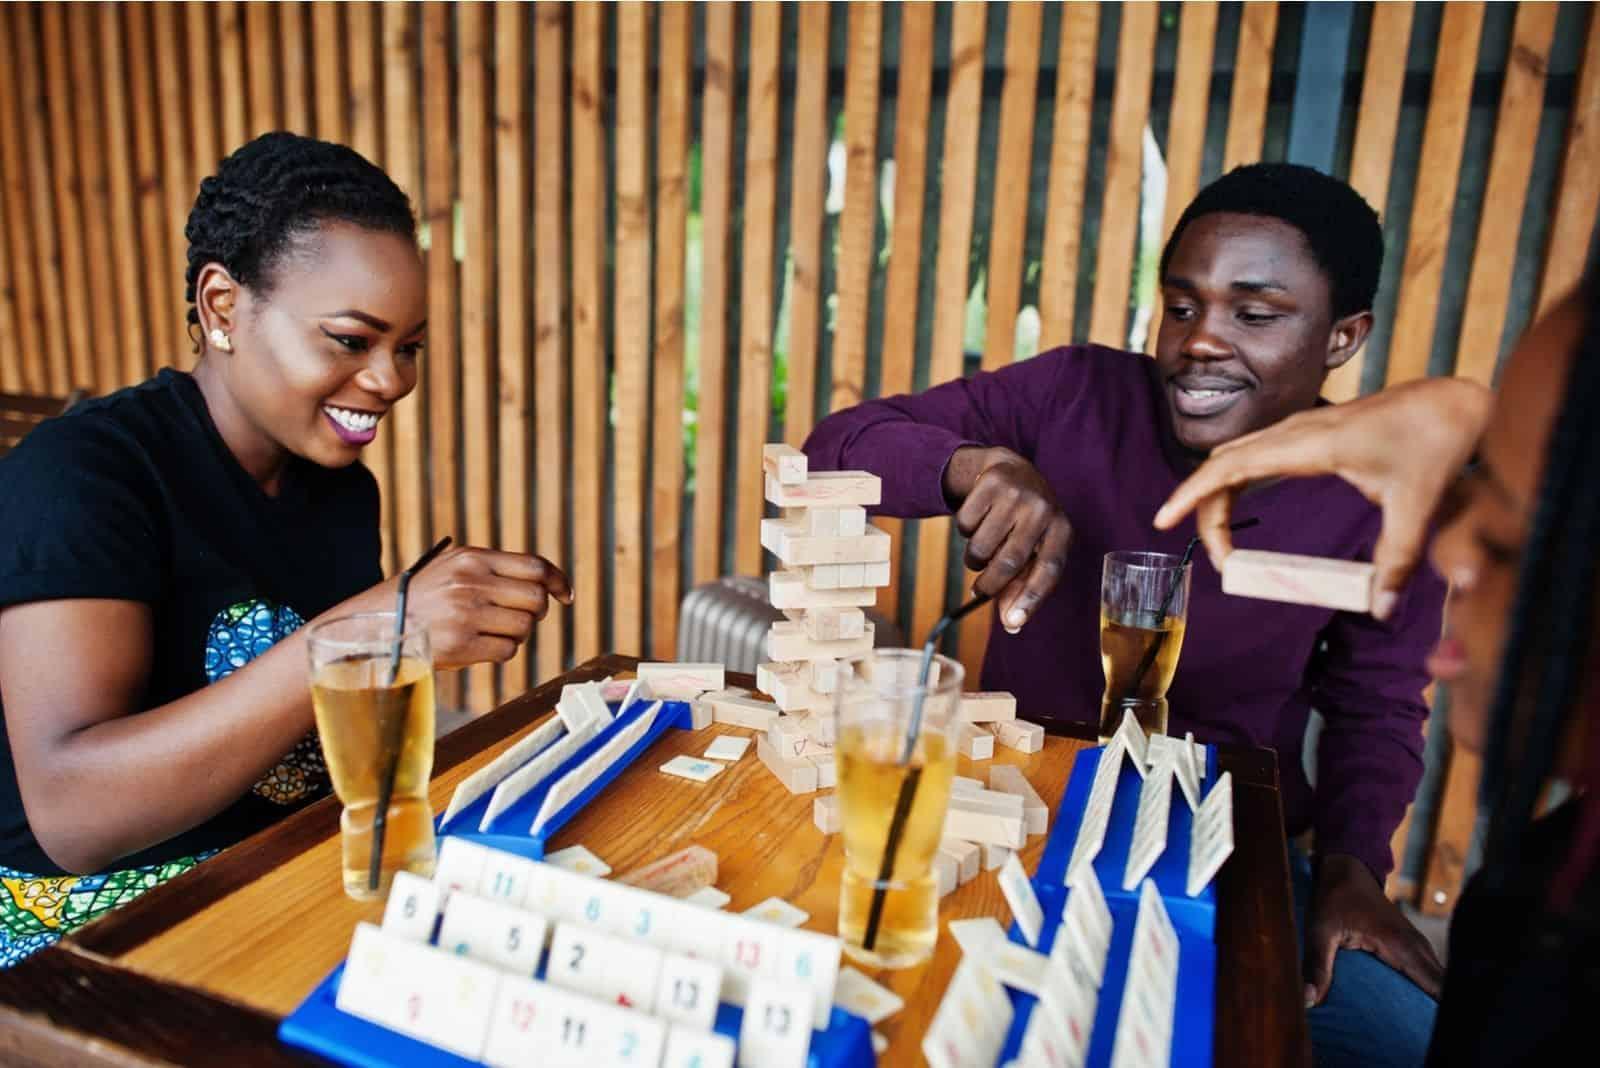 Gruppe afroamerikanischer Freunde trinken und spielen Jenga-Spiel